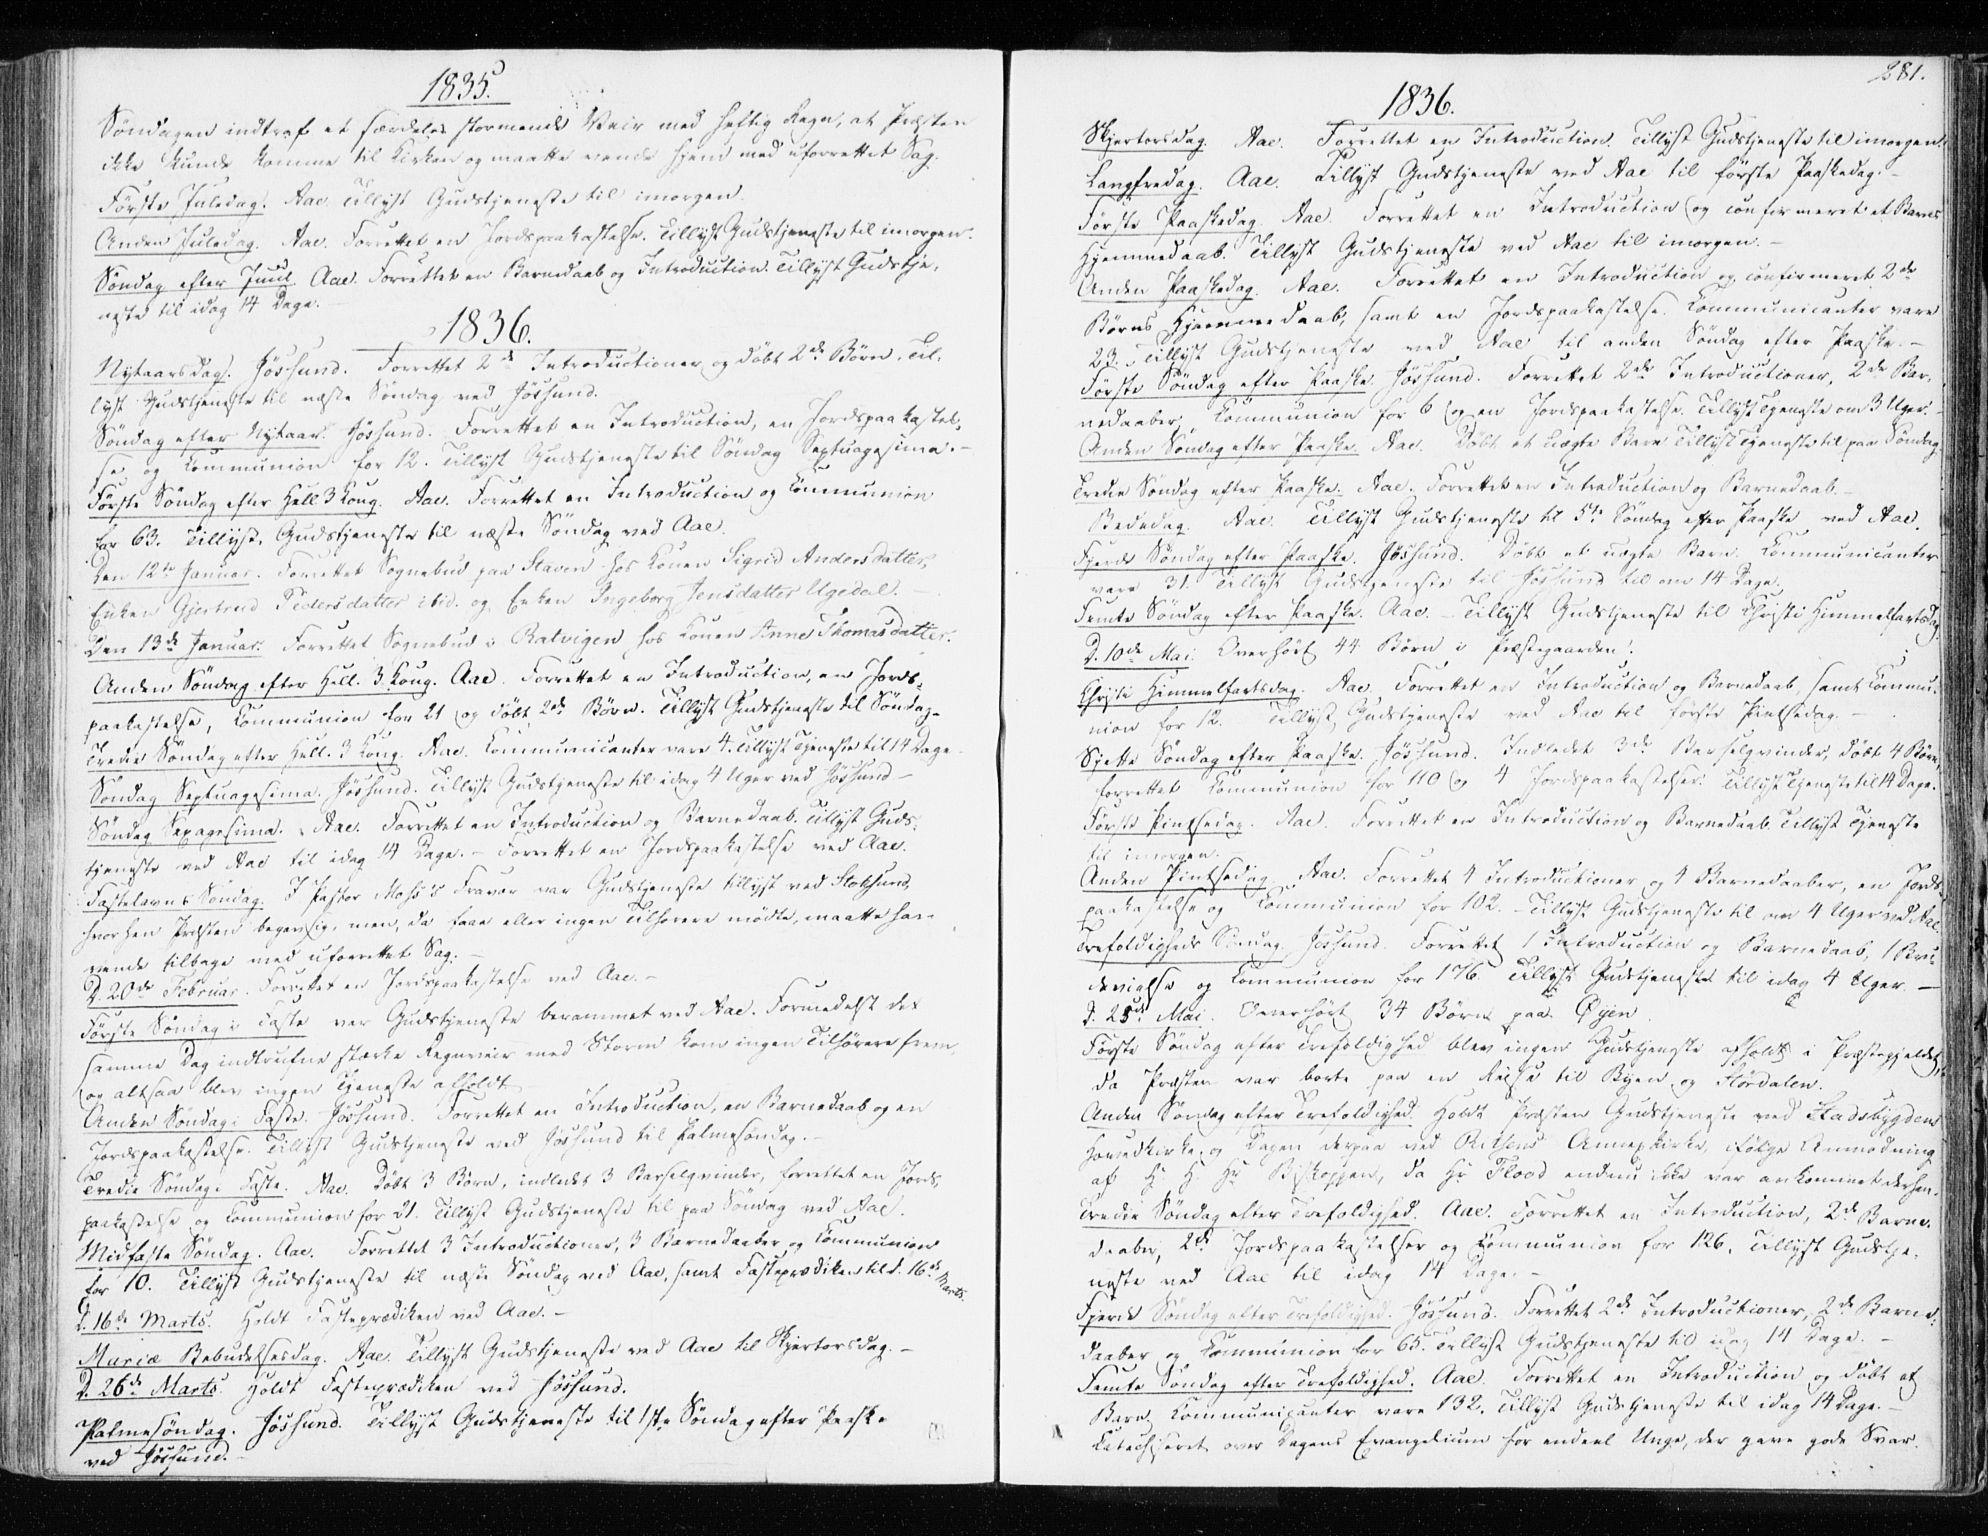 SAT, Ministerialprotokoller, klokkerbøker og fødselsregistre - Sør-Trøndelag, 655/L0676: Ministerialbok nr. 655A05, 1830-1847, s. 281